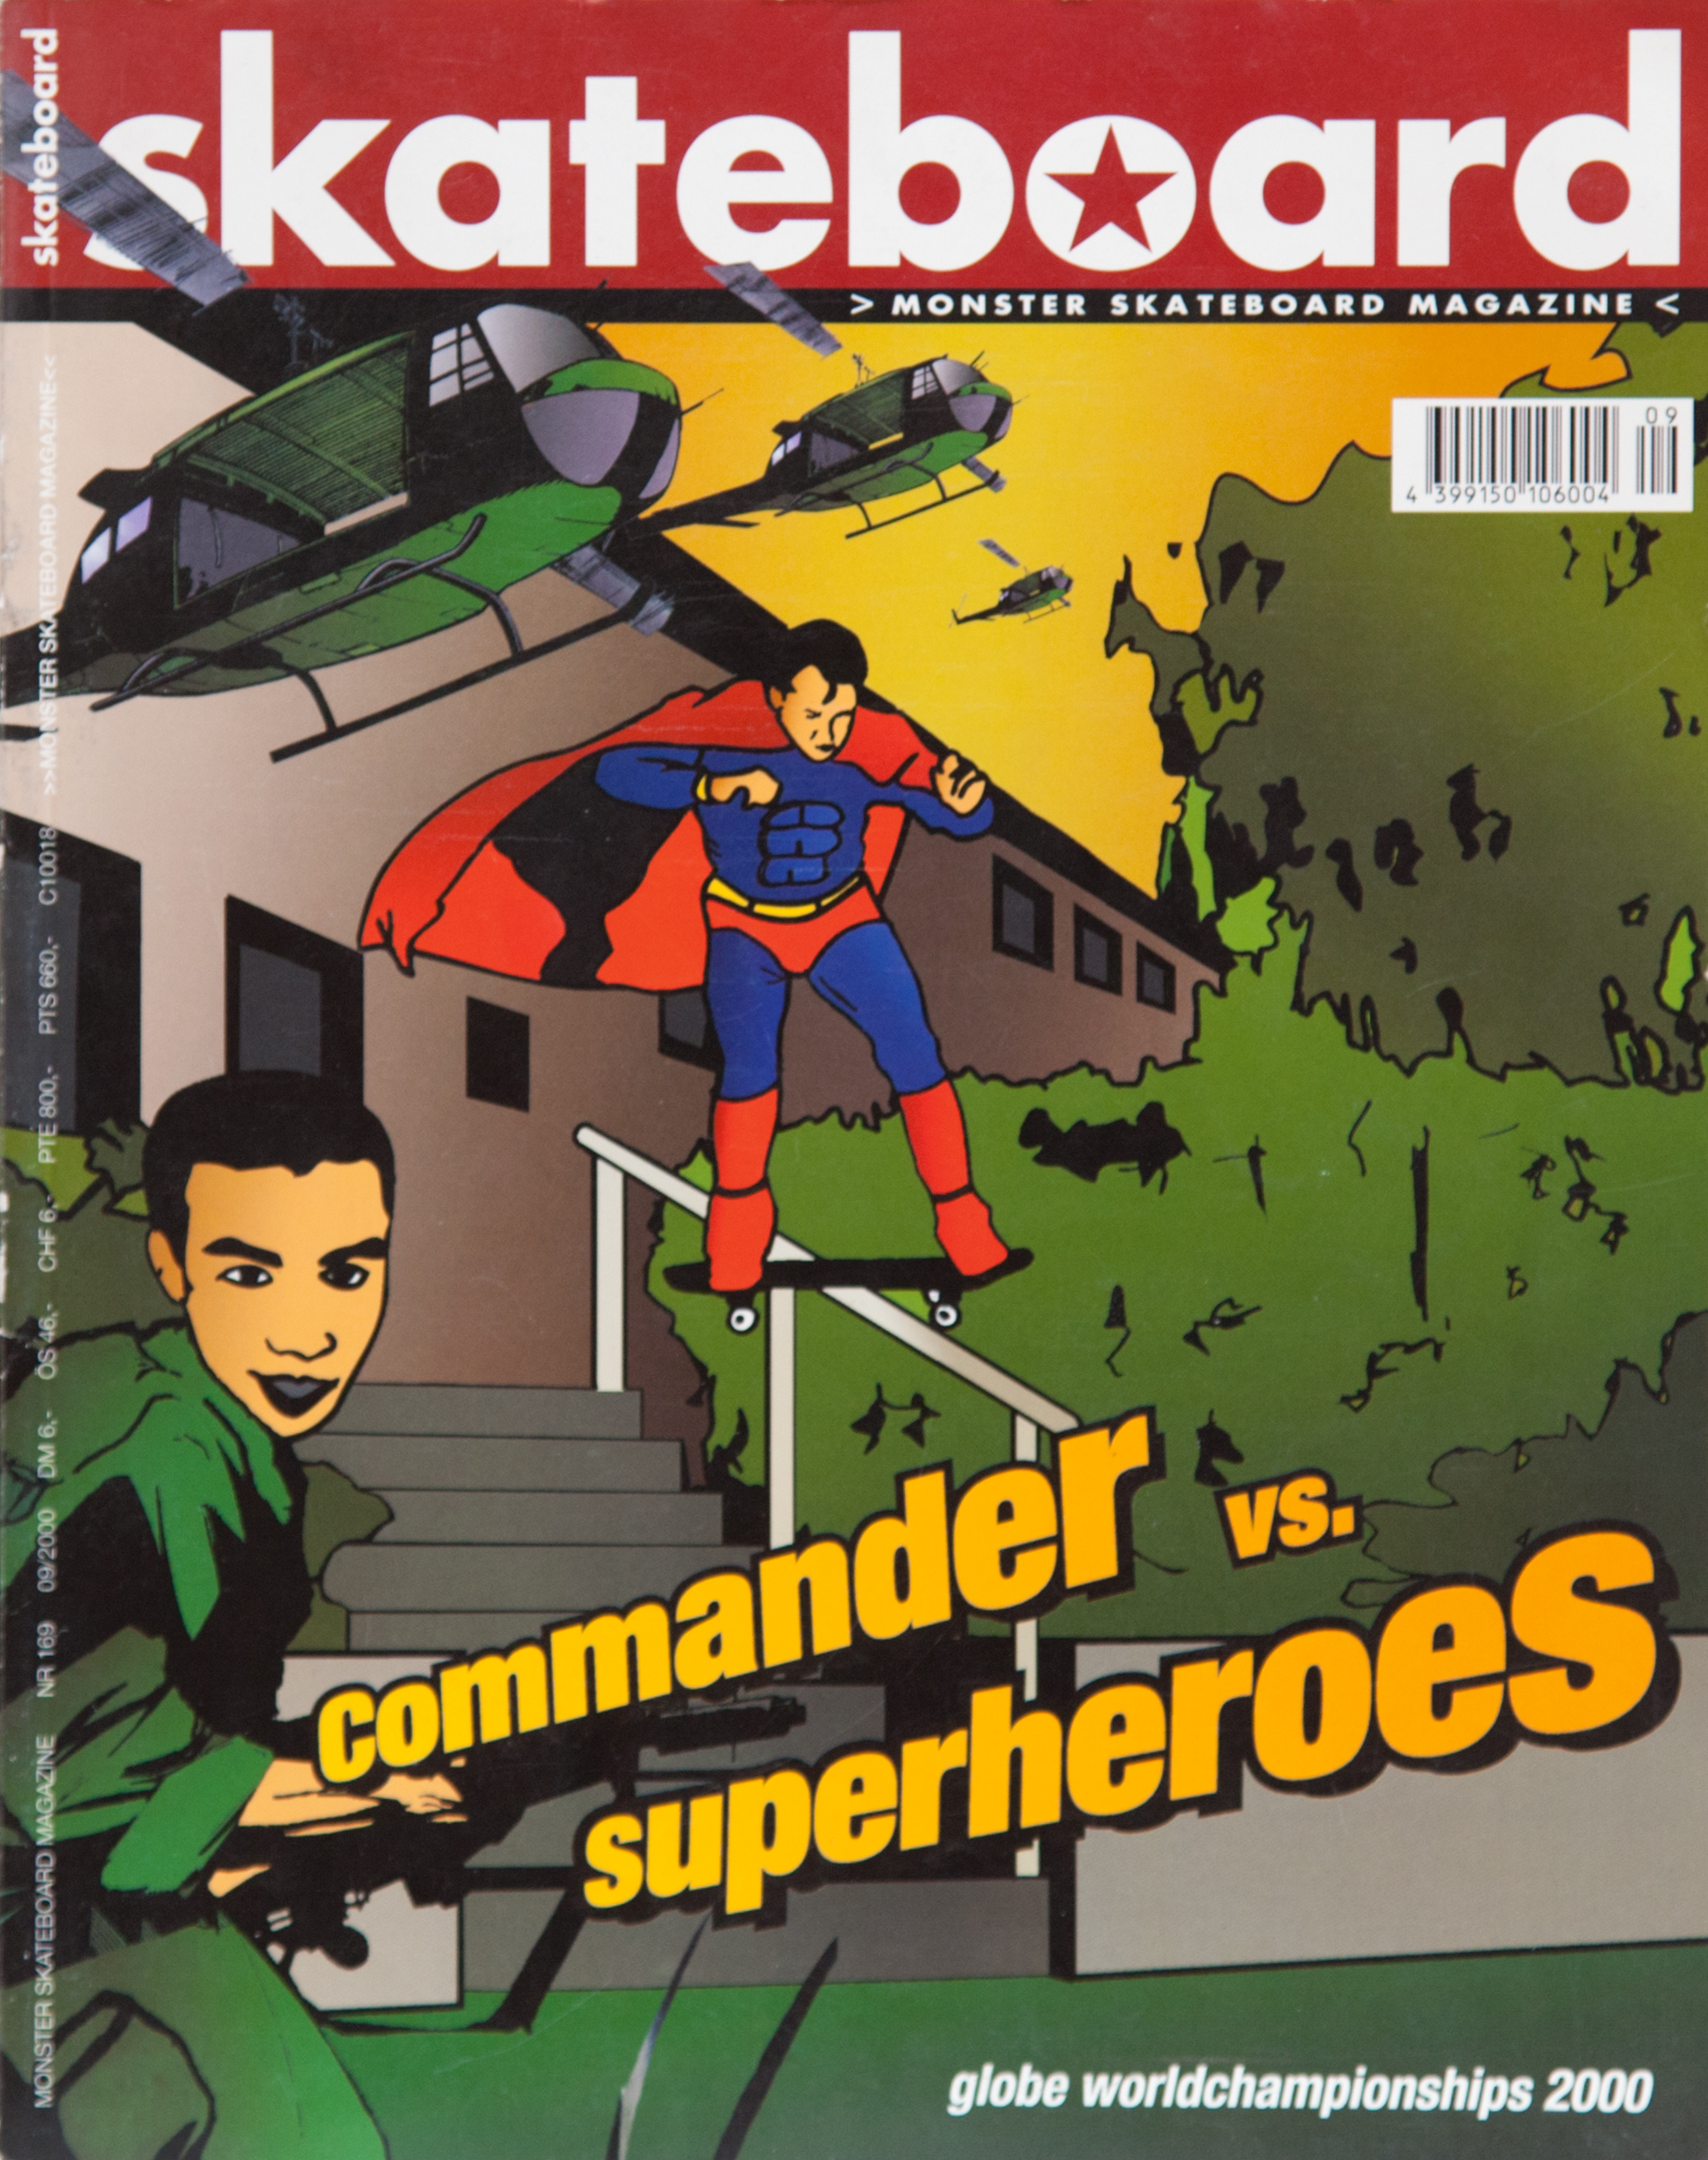 """Ralph Wegner mit seinem """"Commander"""" Interview im Comicstyle, inklusive Fotoshooting samt Flasche Scotch. Das Cover zur Ausgabe verdient den Titel: Worst Cover Ever."""